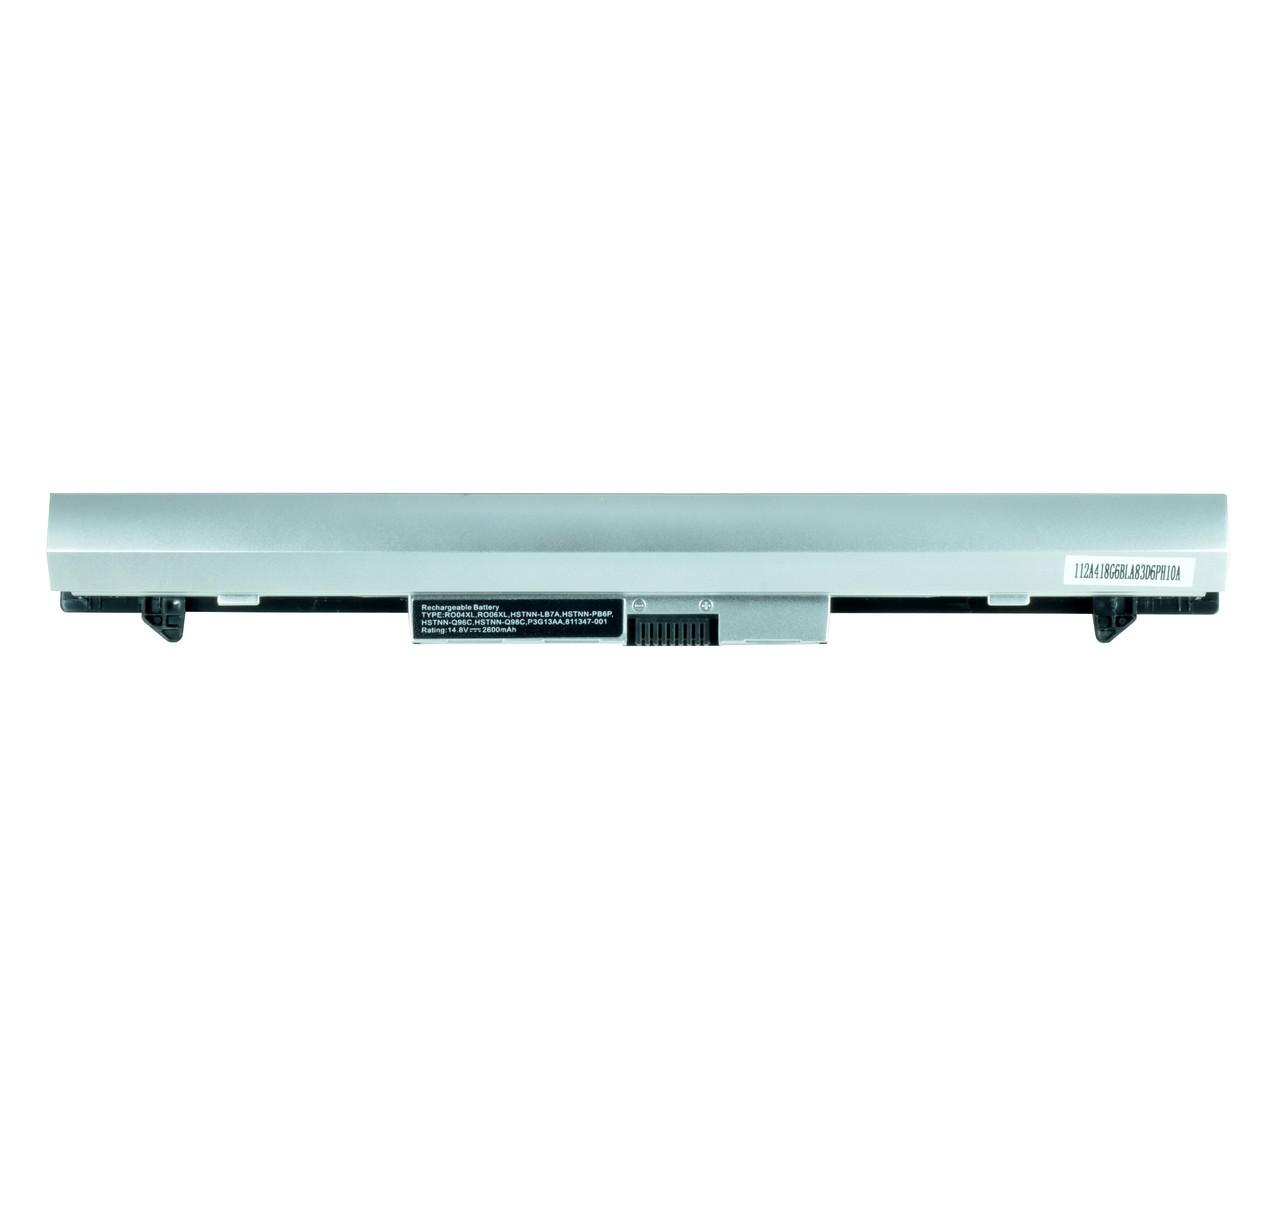 Батарея для ноутбука HP HS04 HS03 HSTNN-LB6V HSNN-LB6U HSTNN-PB6T TPN-Q120 TPN-Q130